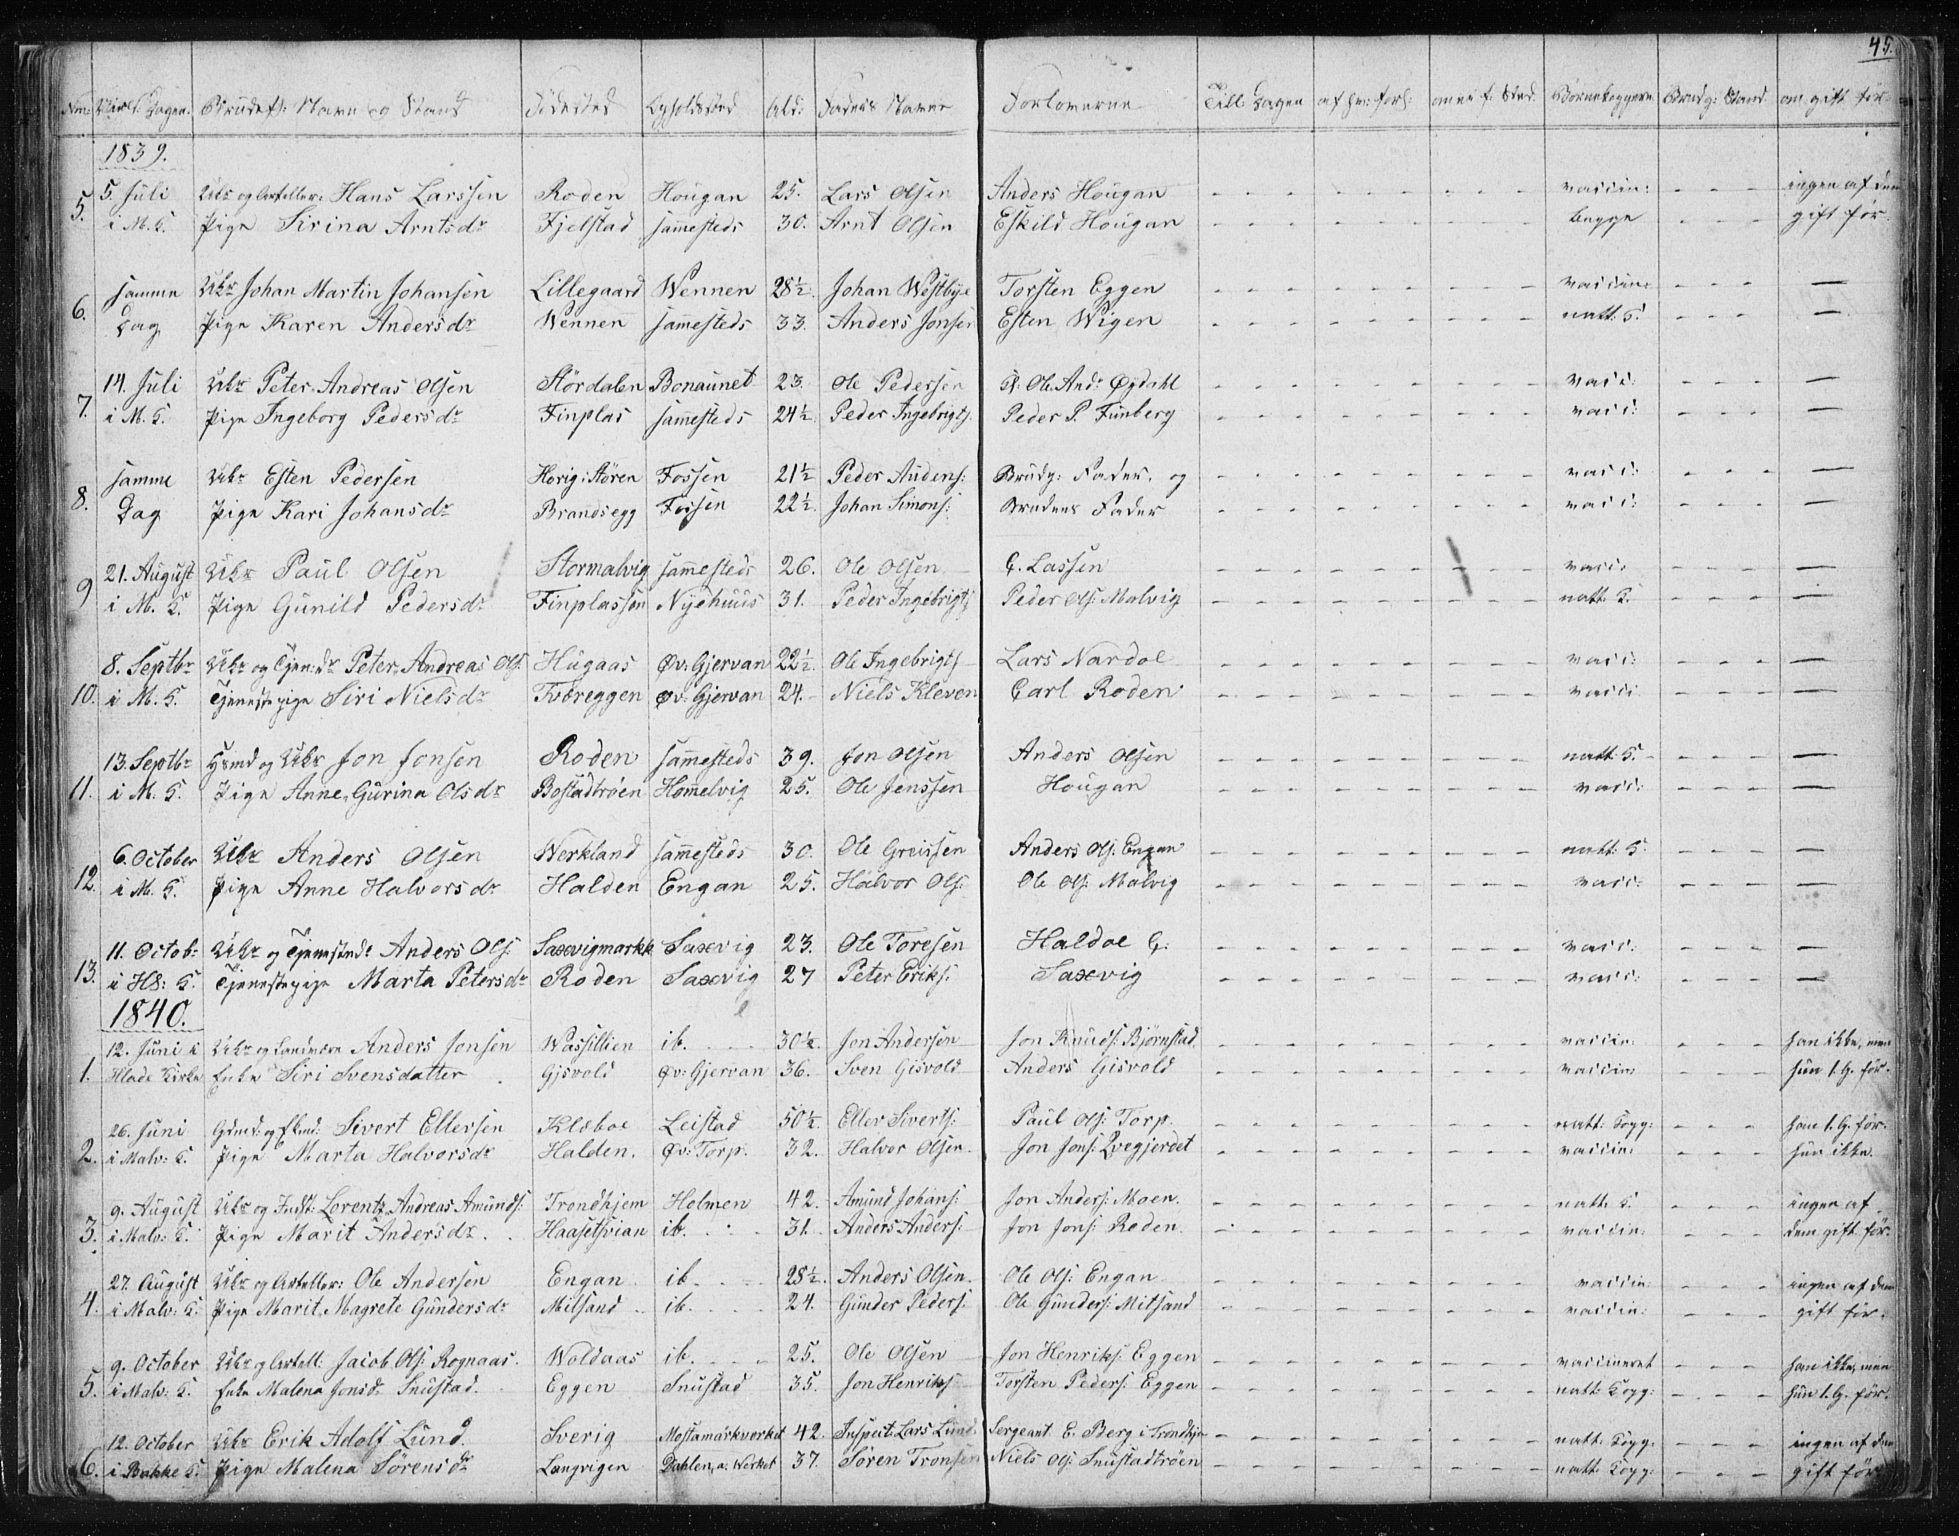 SAT, Ministerialprotokoller, klokkerbøker og fødselsregistre - Sør-Trøndelag, 616/L0405: Ministerialbok nr. 616A02, 1831-1842, s. 45